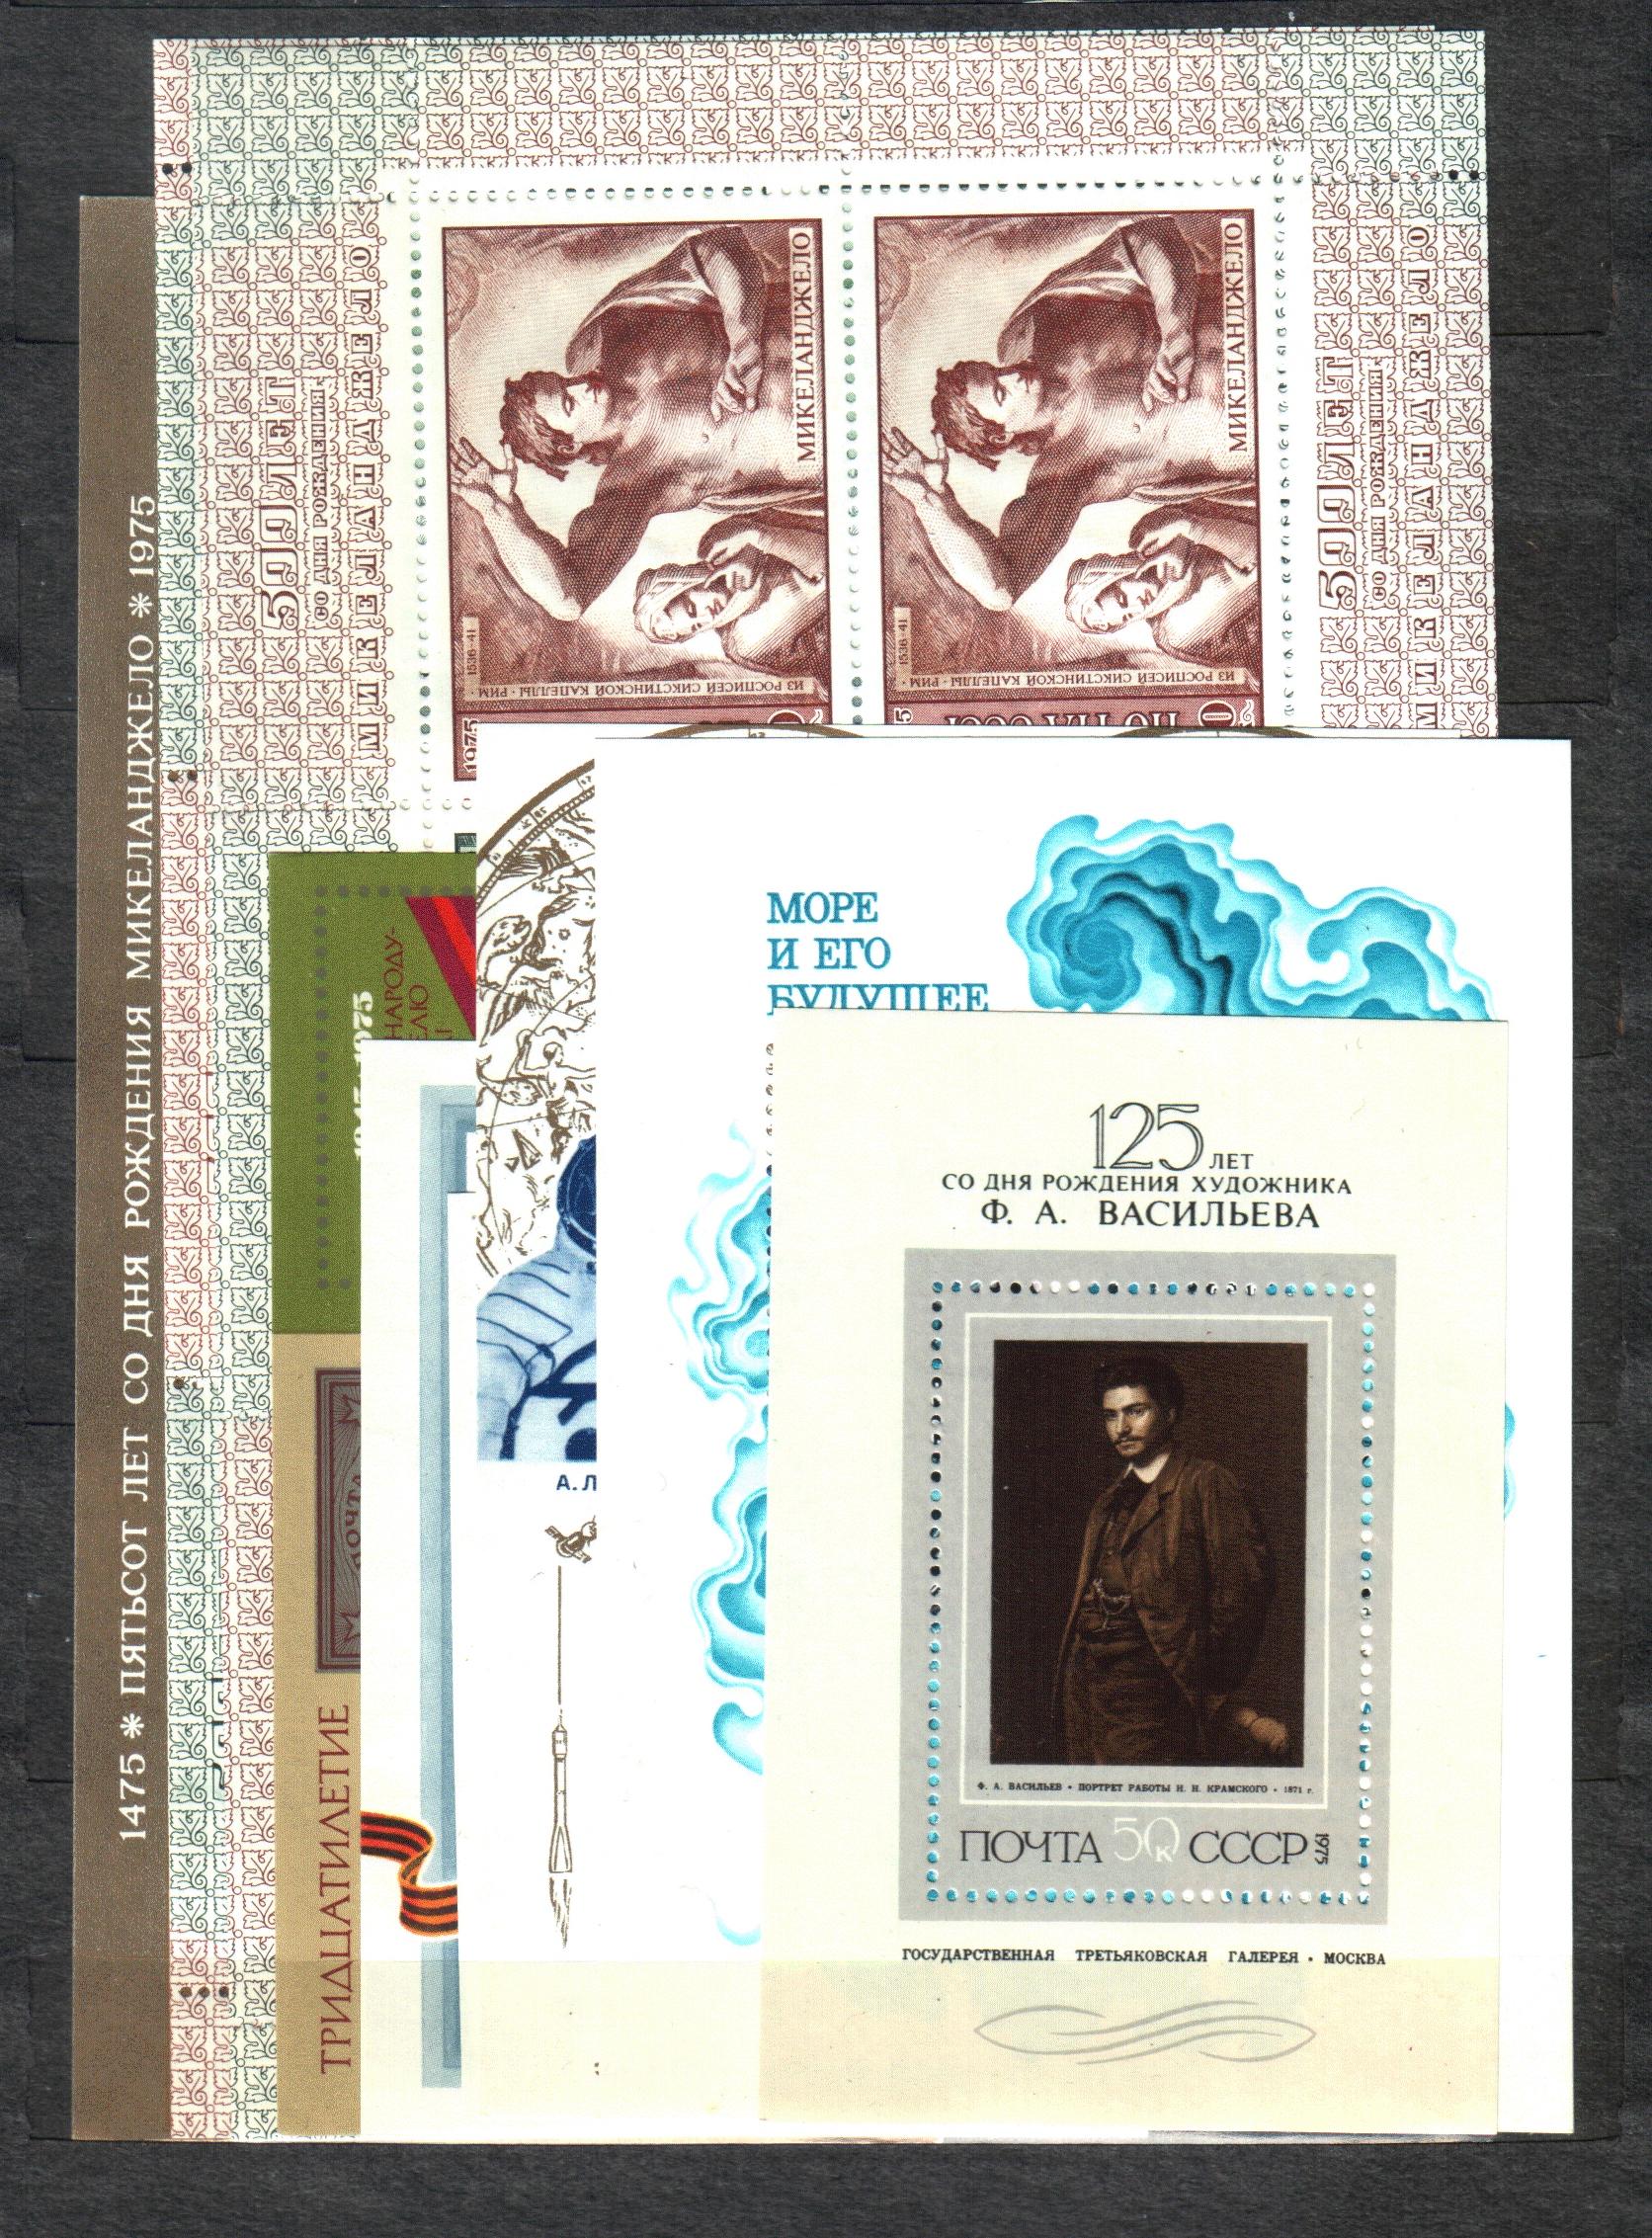 Годовой набор почтовых марок СССР 1975 год, 101 почтовая марка, 7 почтовых блоков